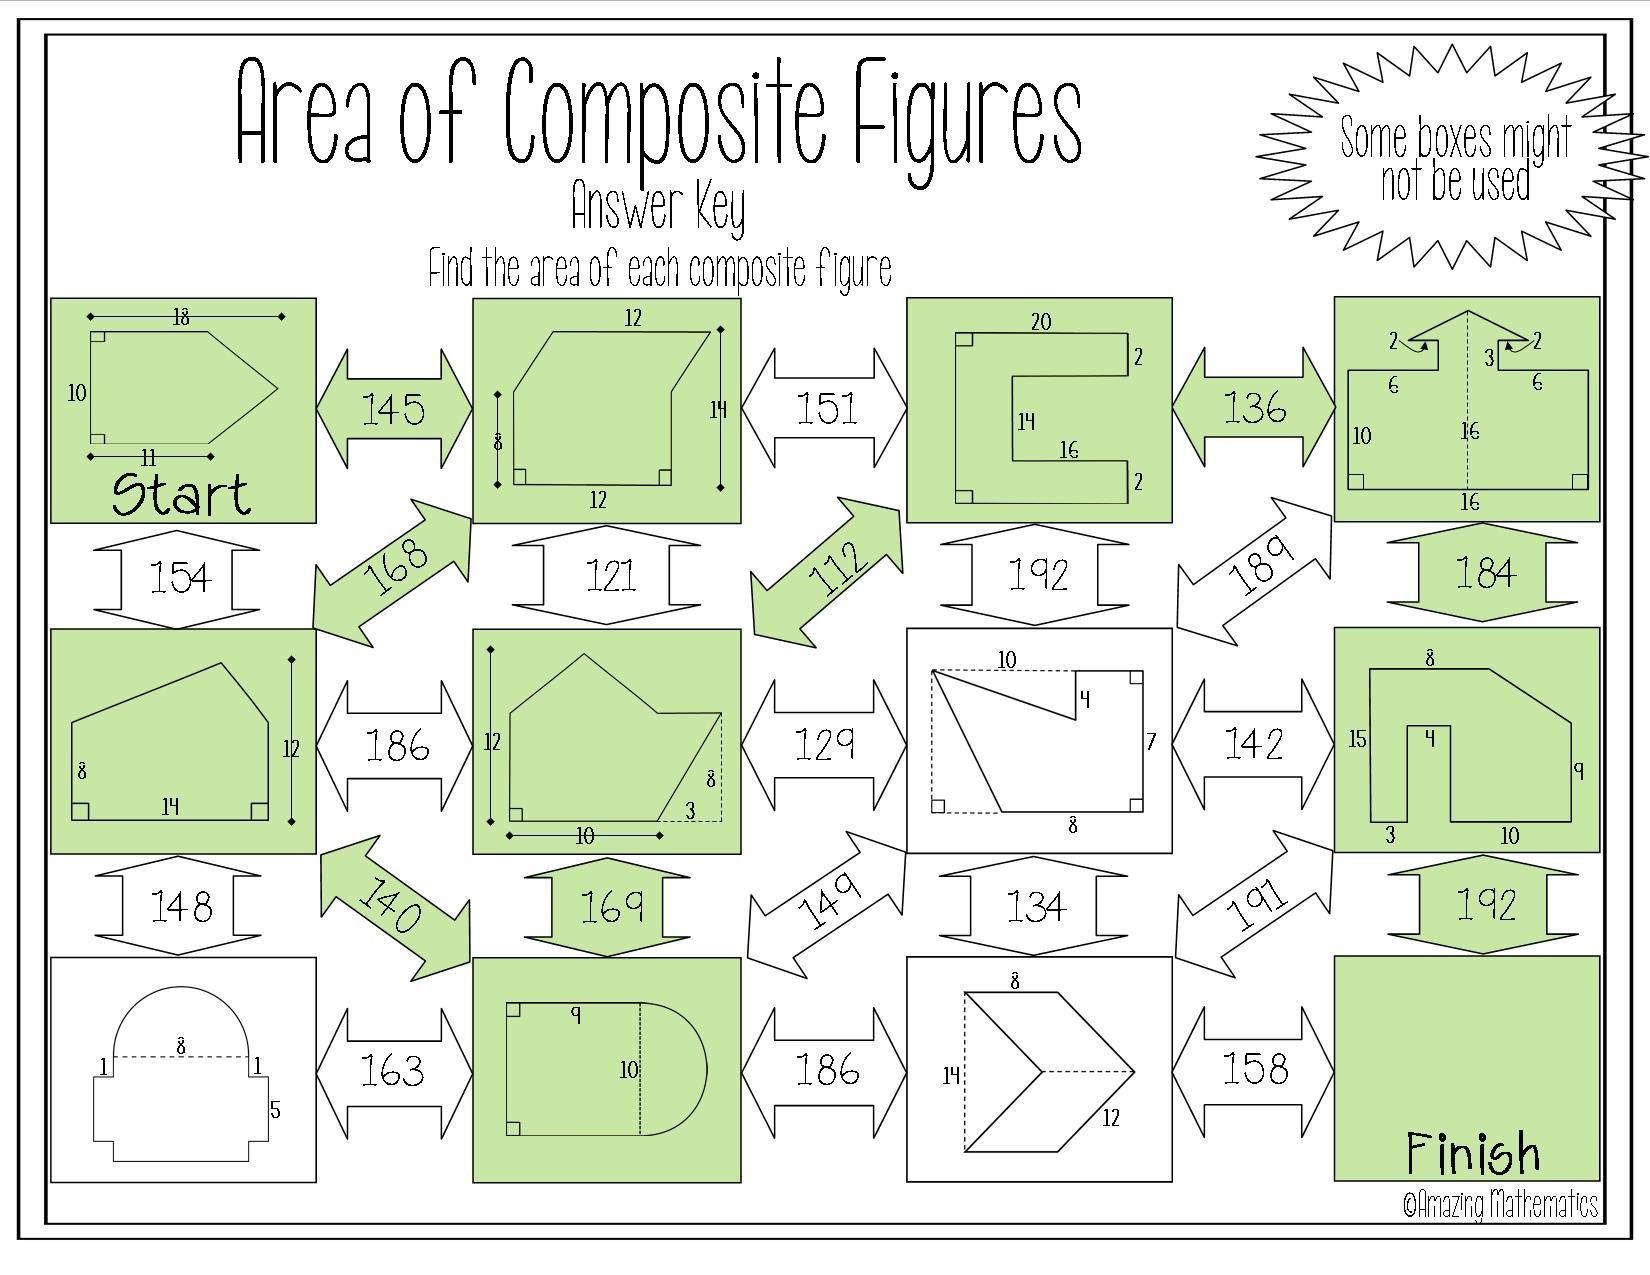 Area of posite Figures Maze Worksheet